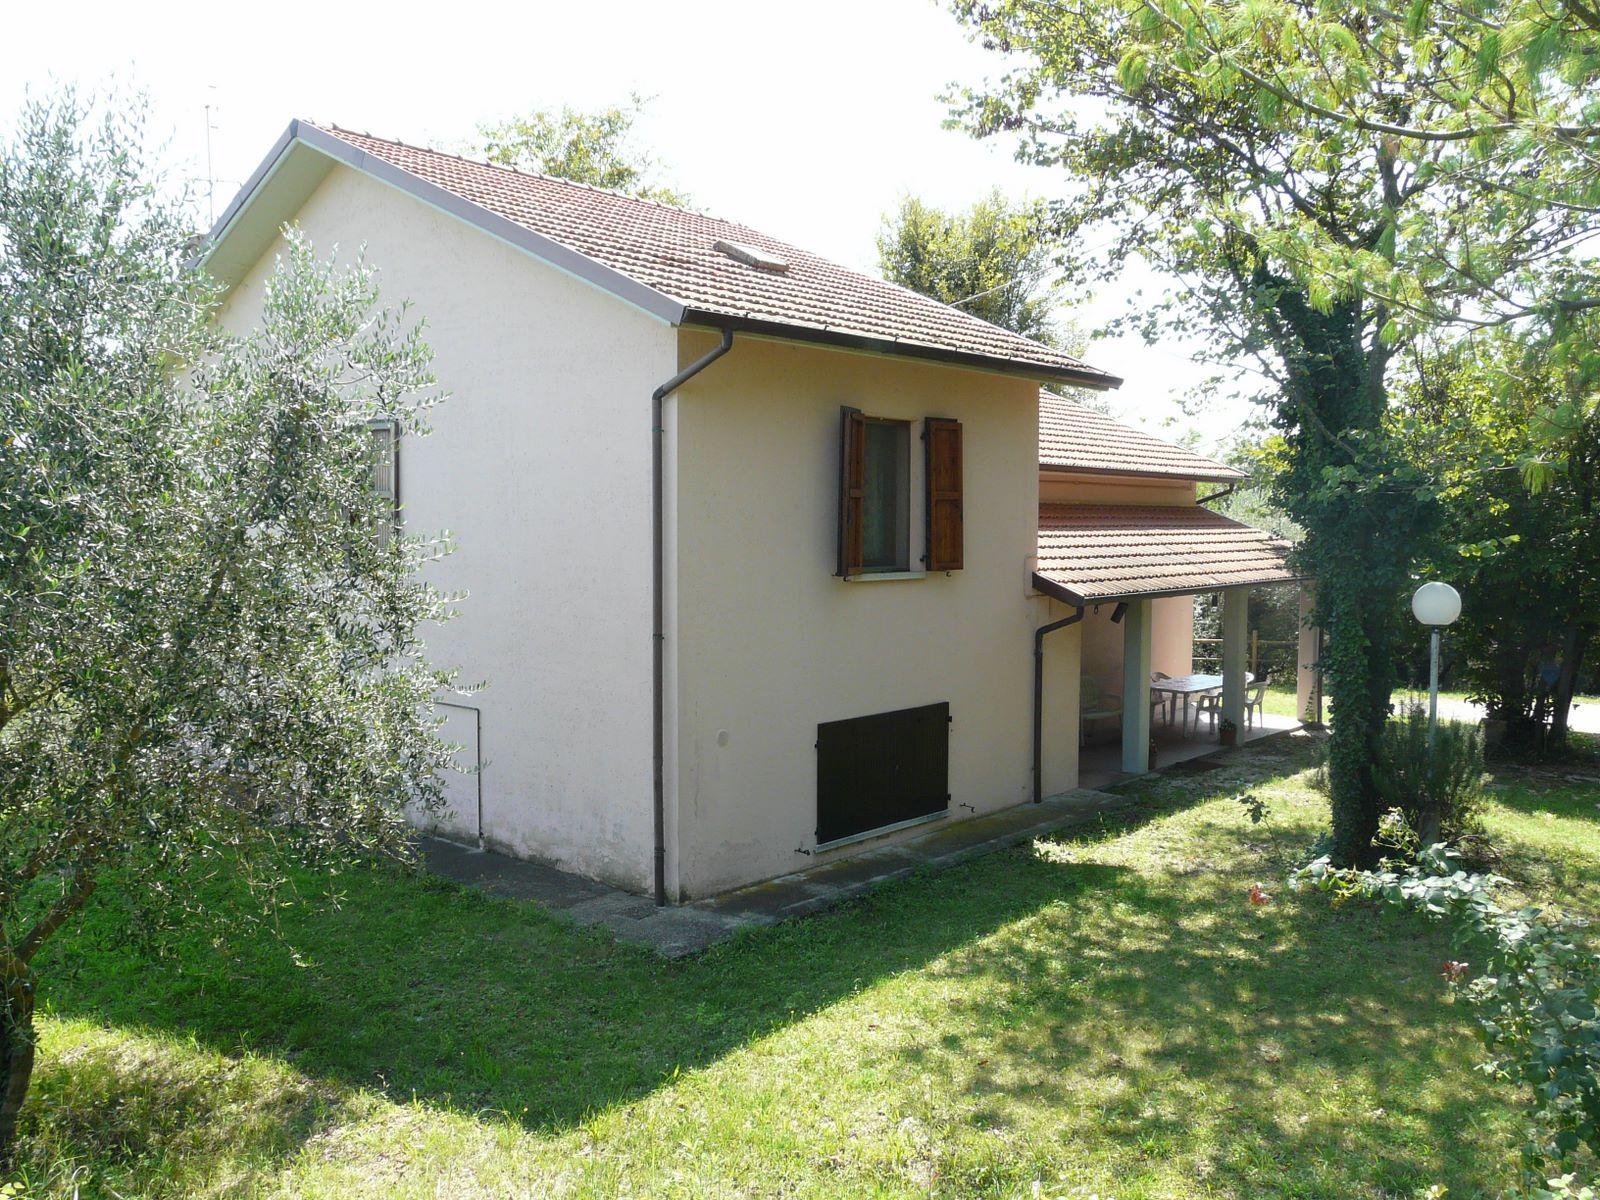 Ferienhaus Ca Brunino (1491621), Fano (IT), Adriaküste (Marken), Marken, Italien, Bild 14